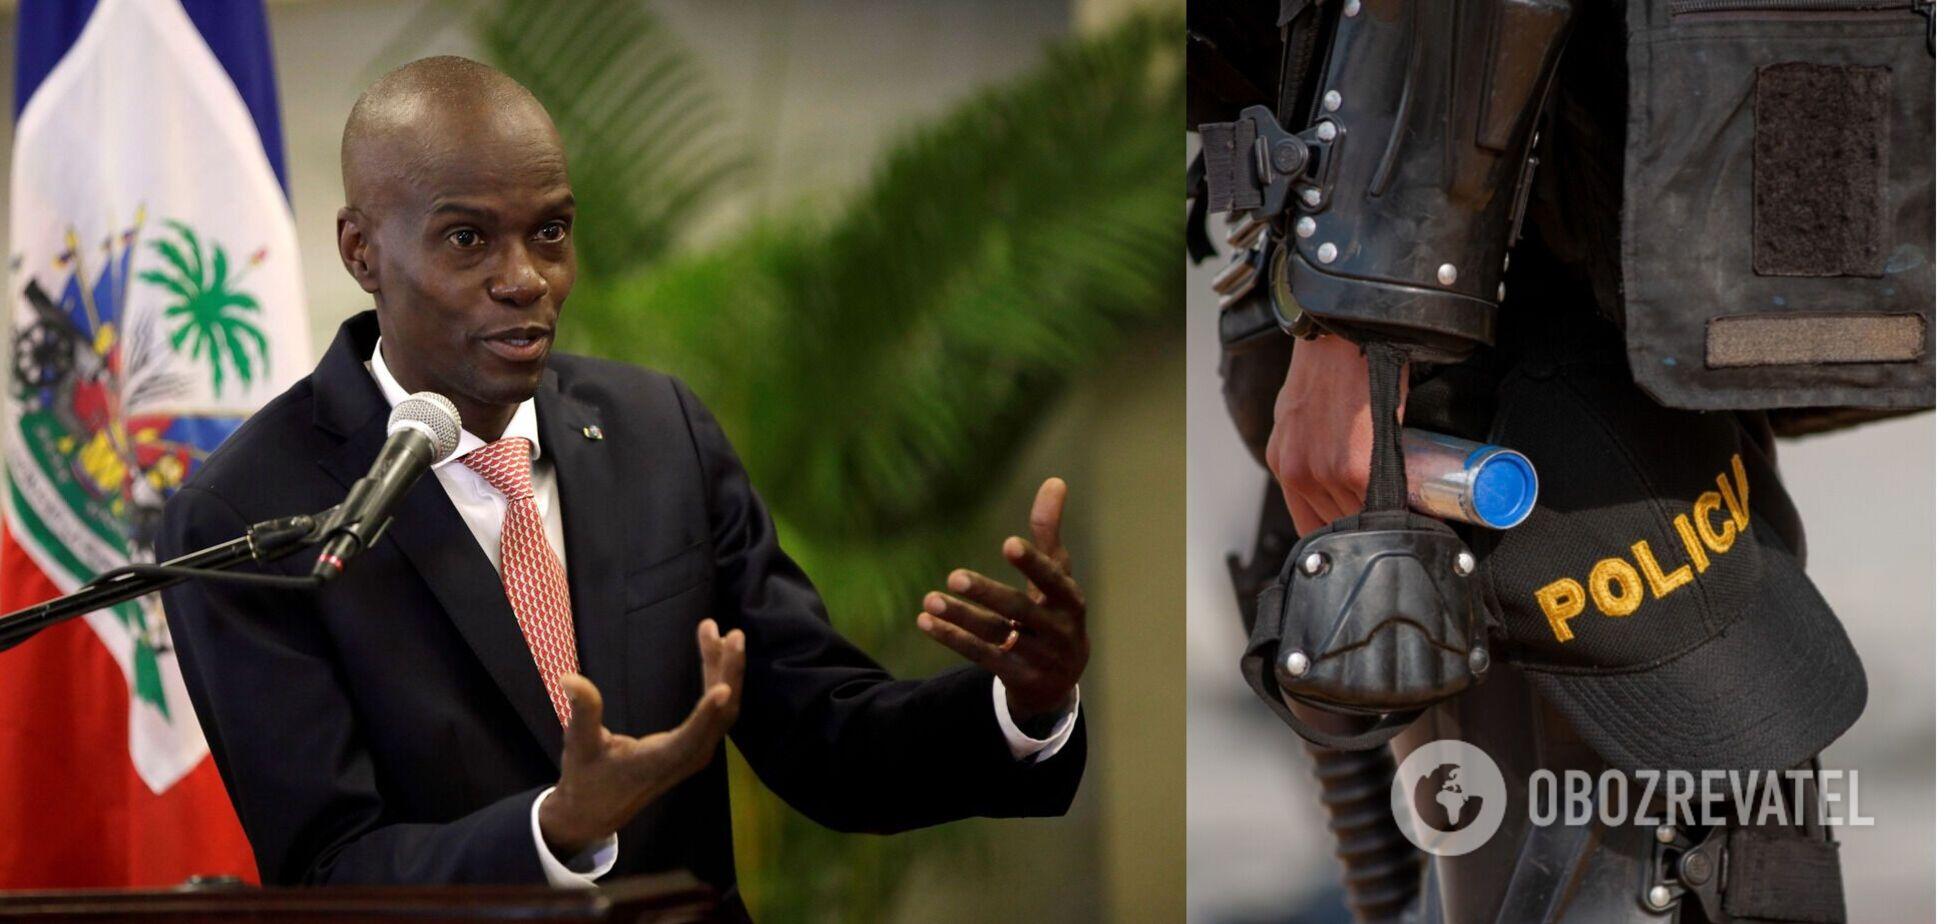 Президента Гаїті могли вбити на замовлення ексчиновника – розслідування